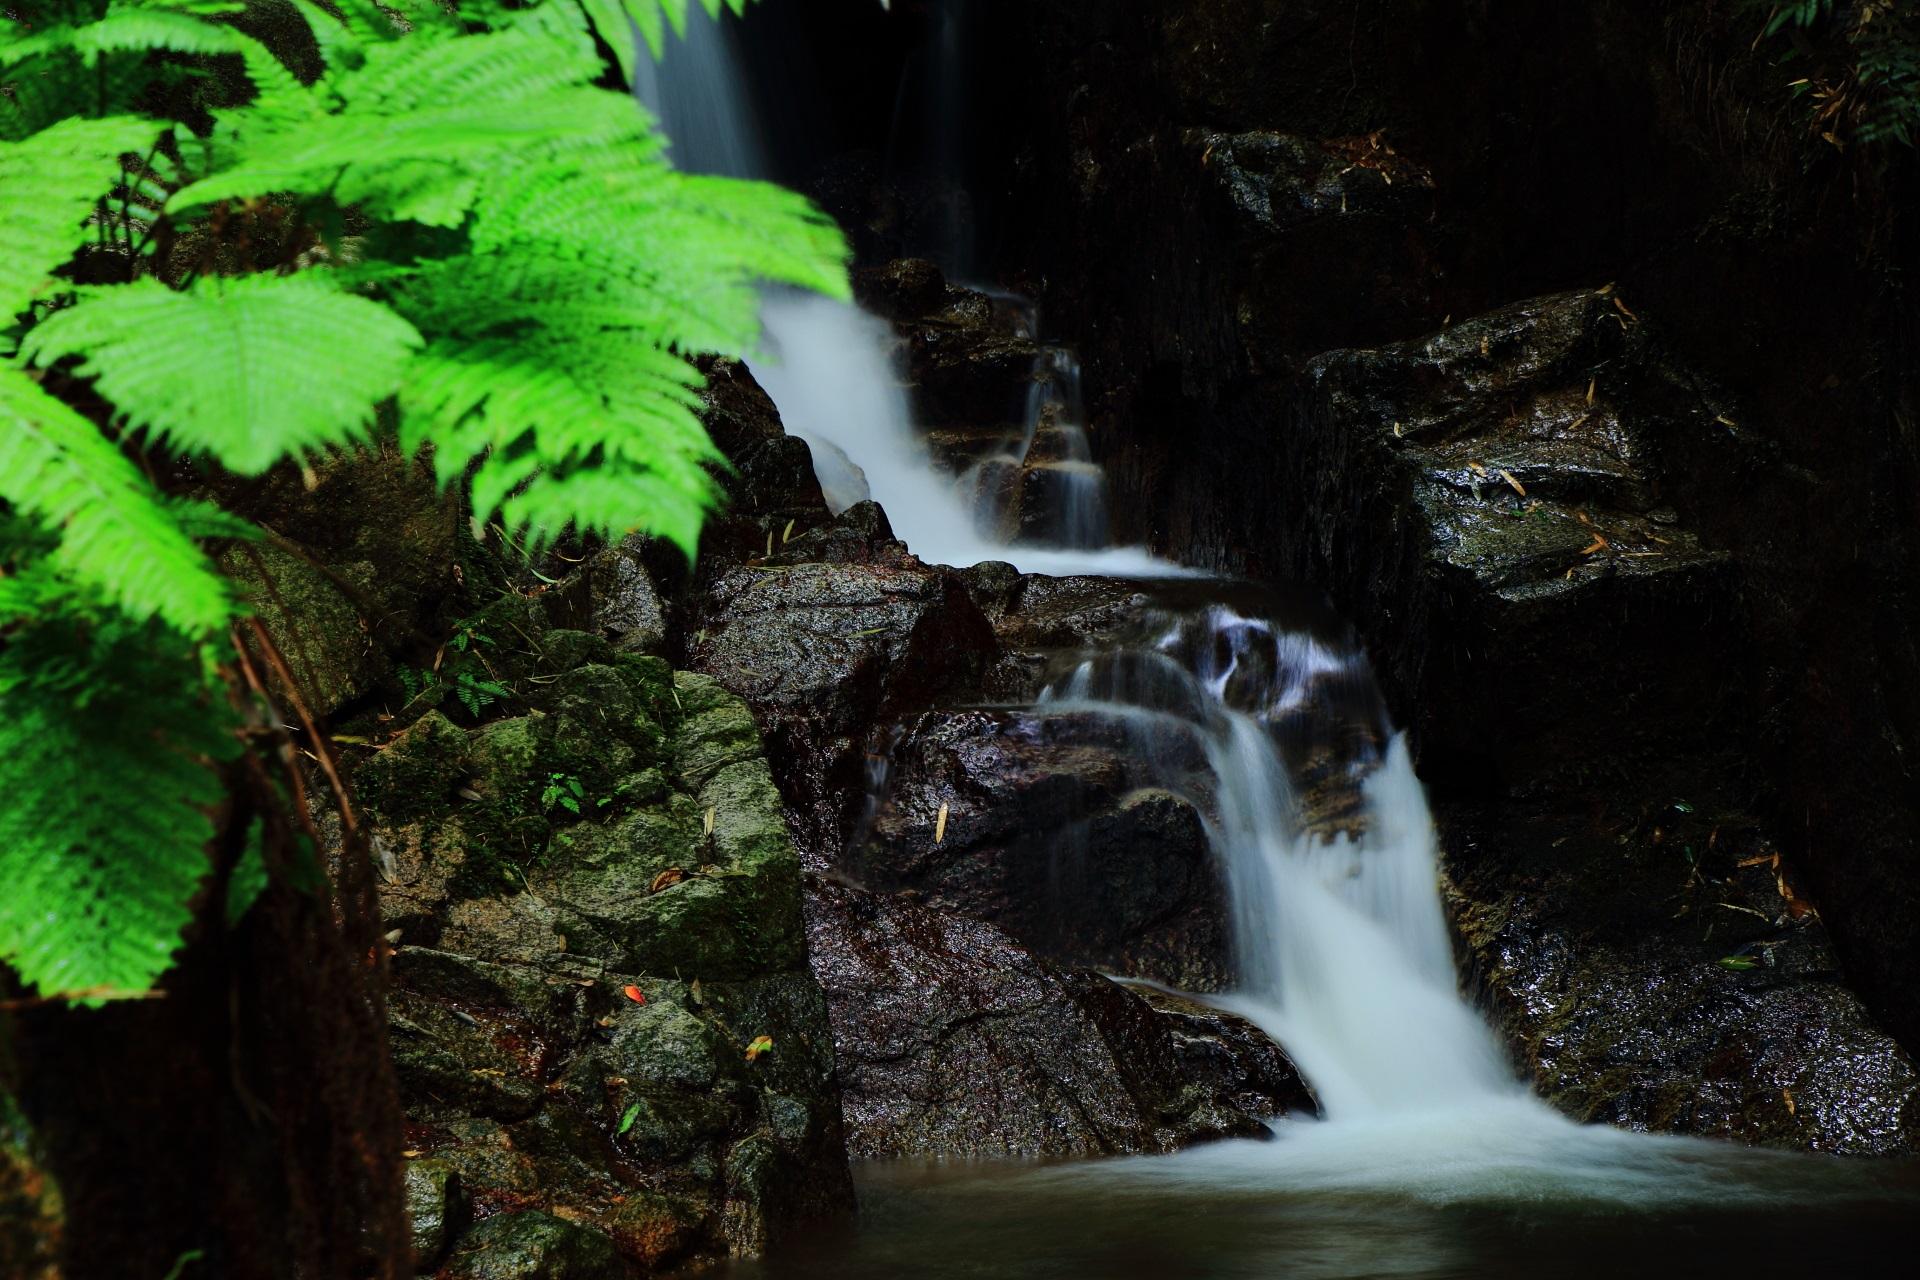 美しい水の流れと綺麗な緑のシダ